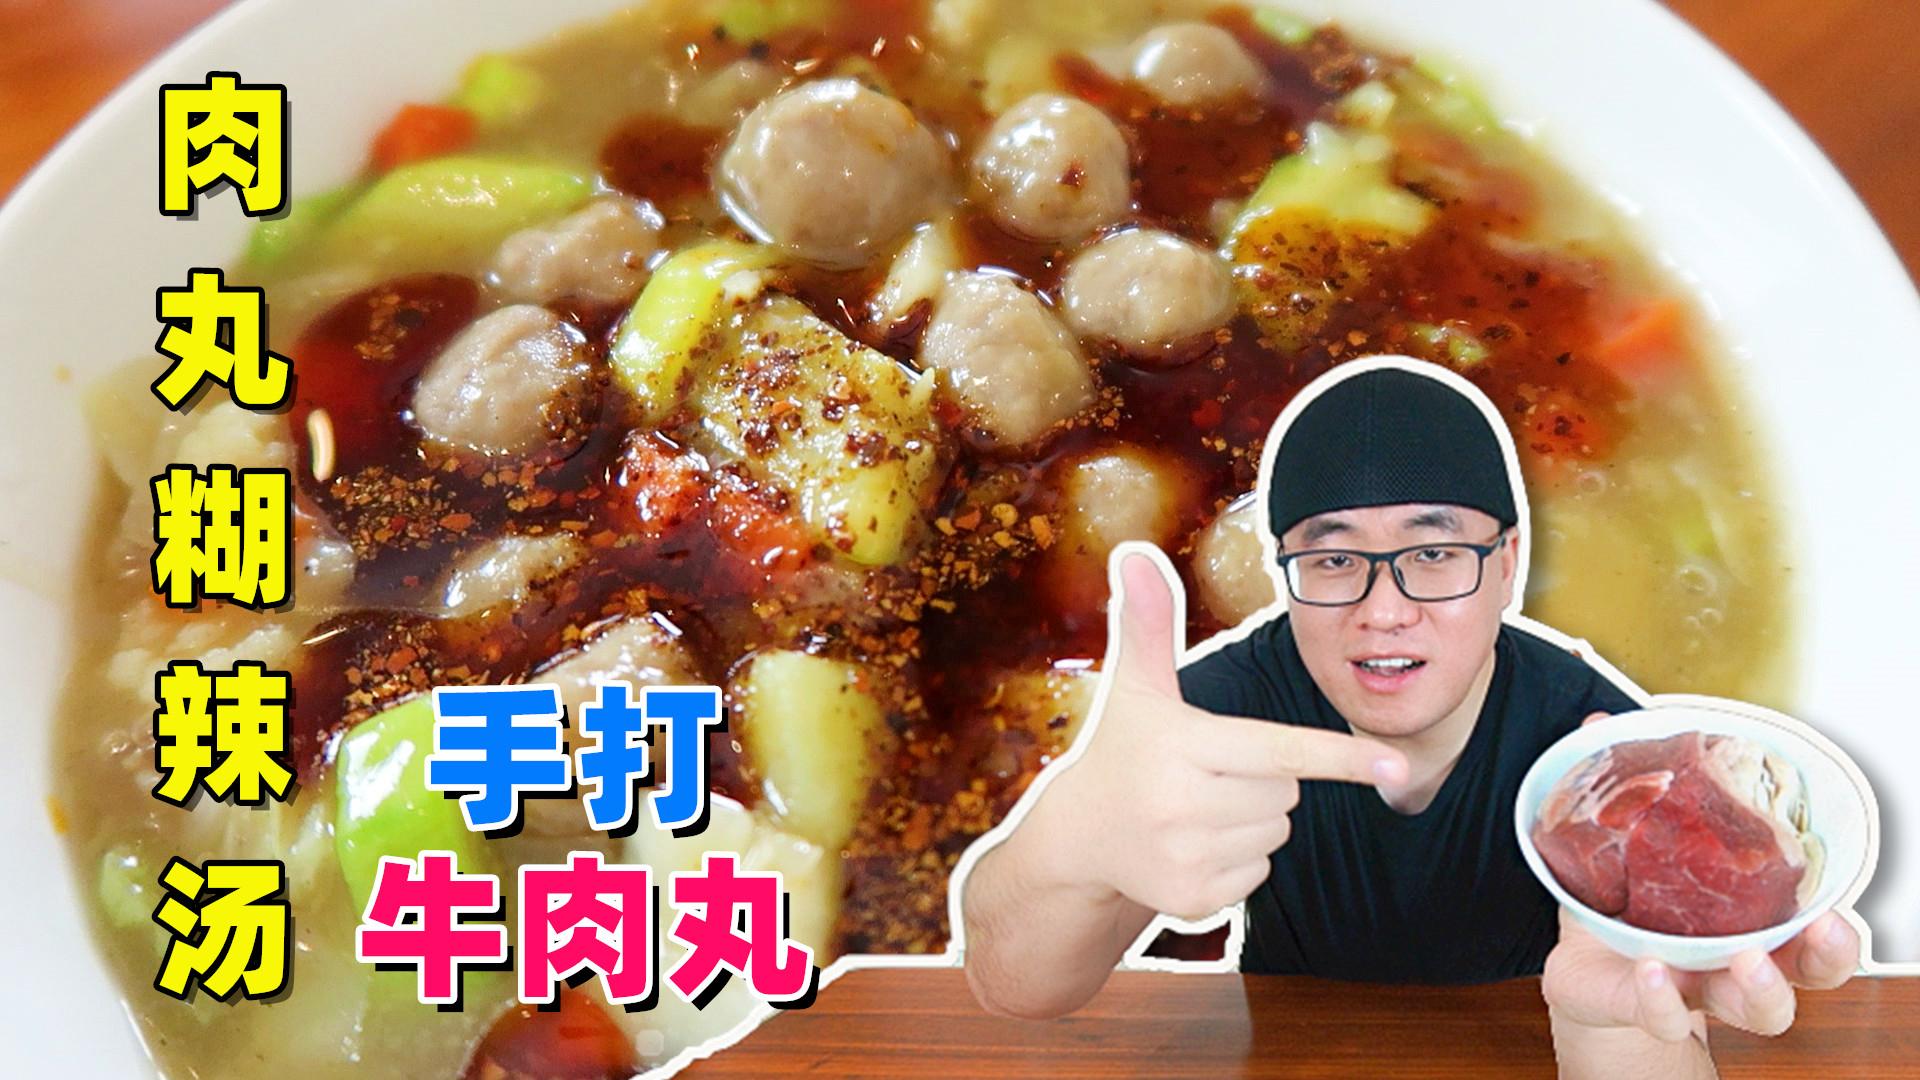 【阿星探店】阿星自制肉丸糊辣汤,手打牛肉丸,2大碗3个馍,在家也能做大厨